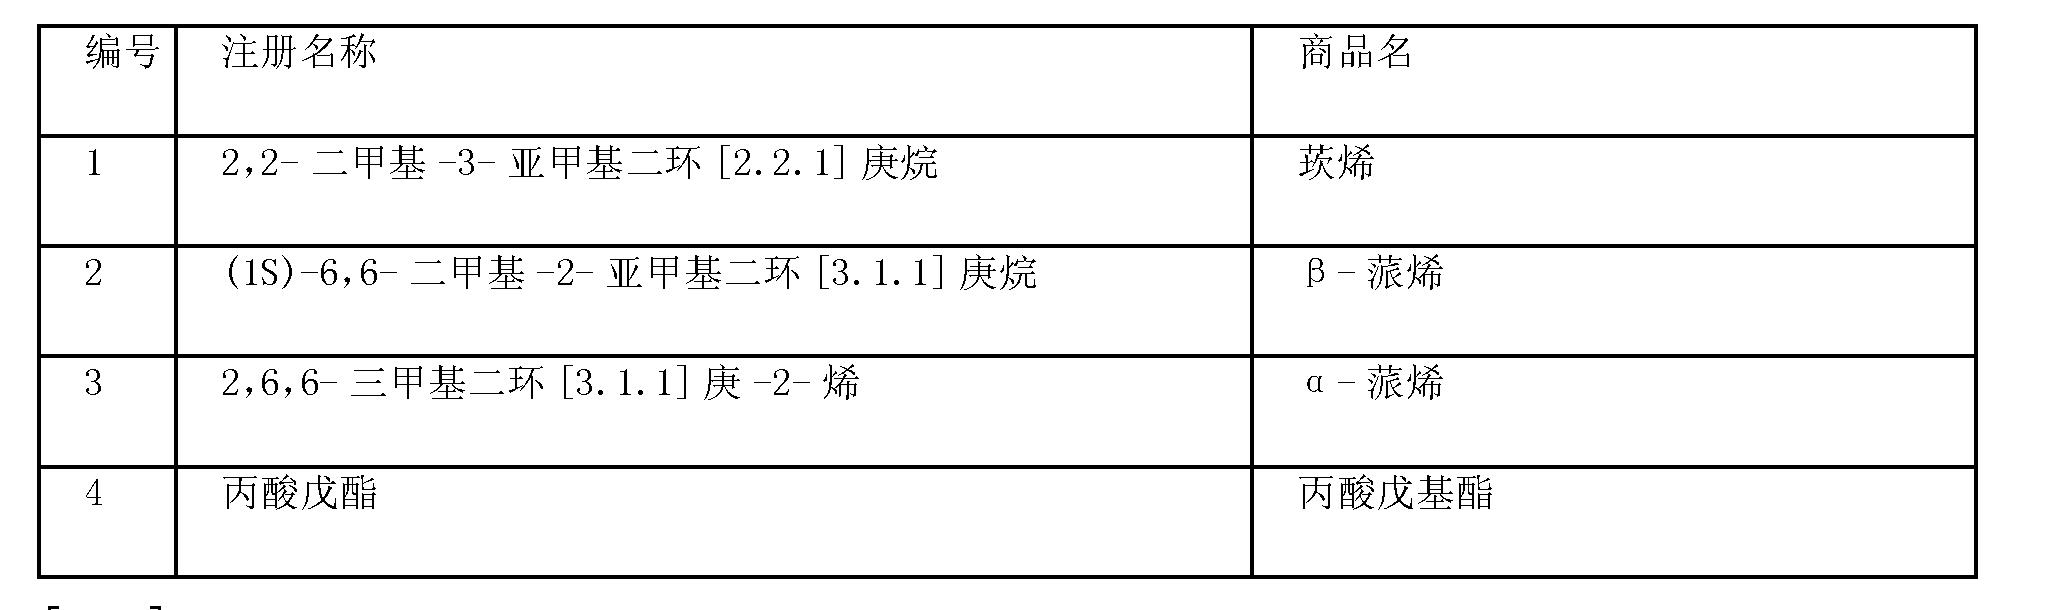 Figure CN101611129BD00092